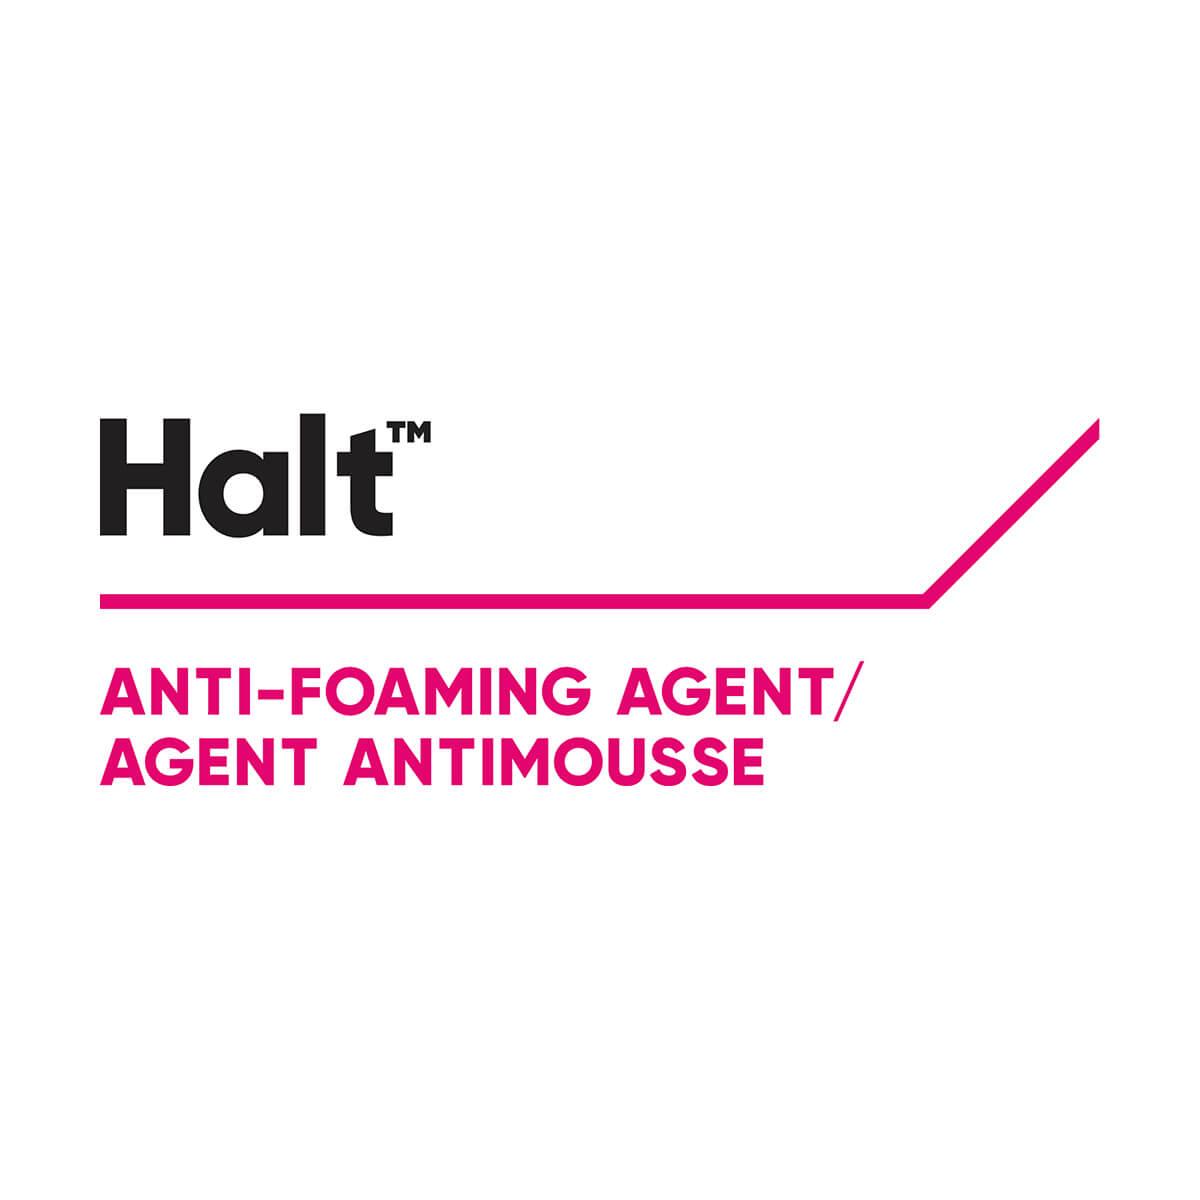 HALT - 140 ml Bottle